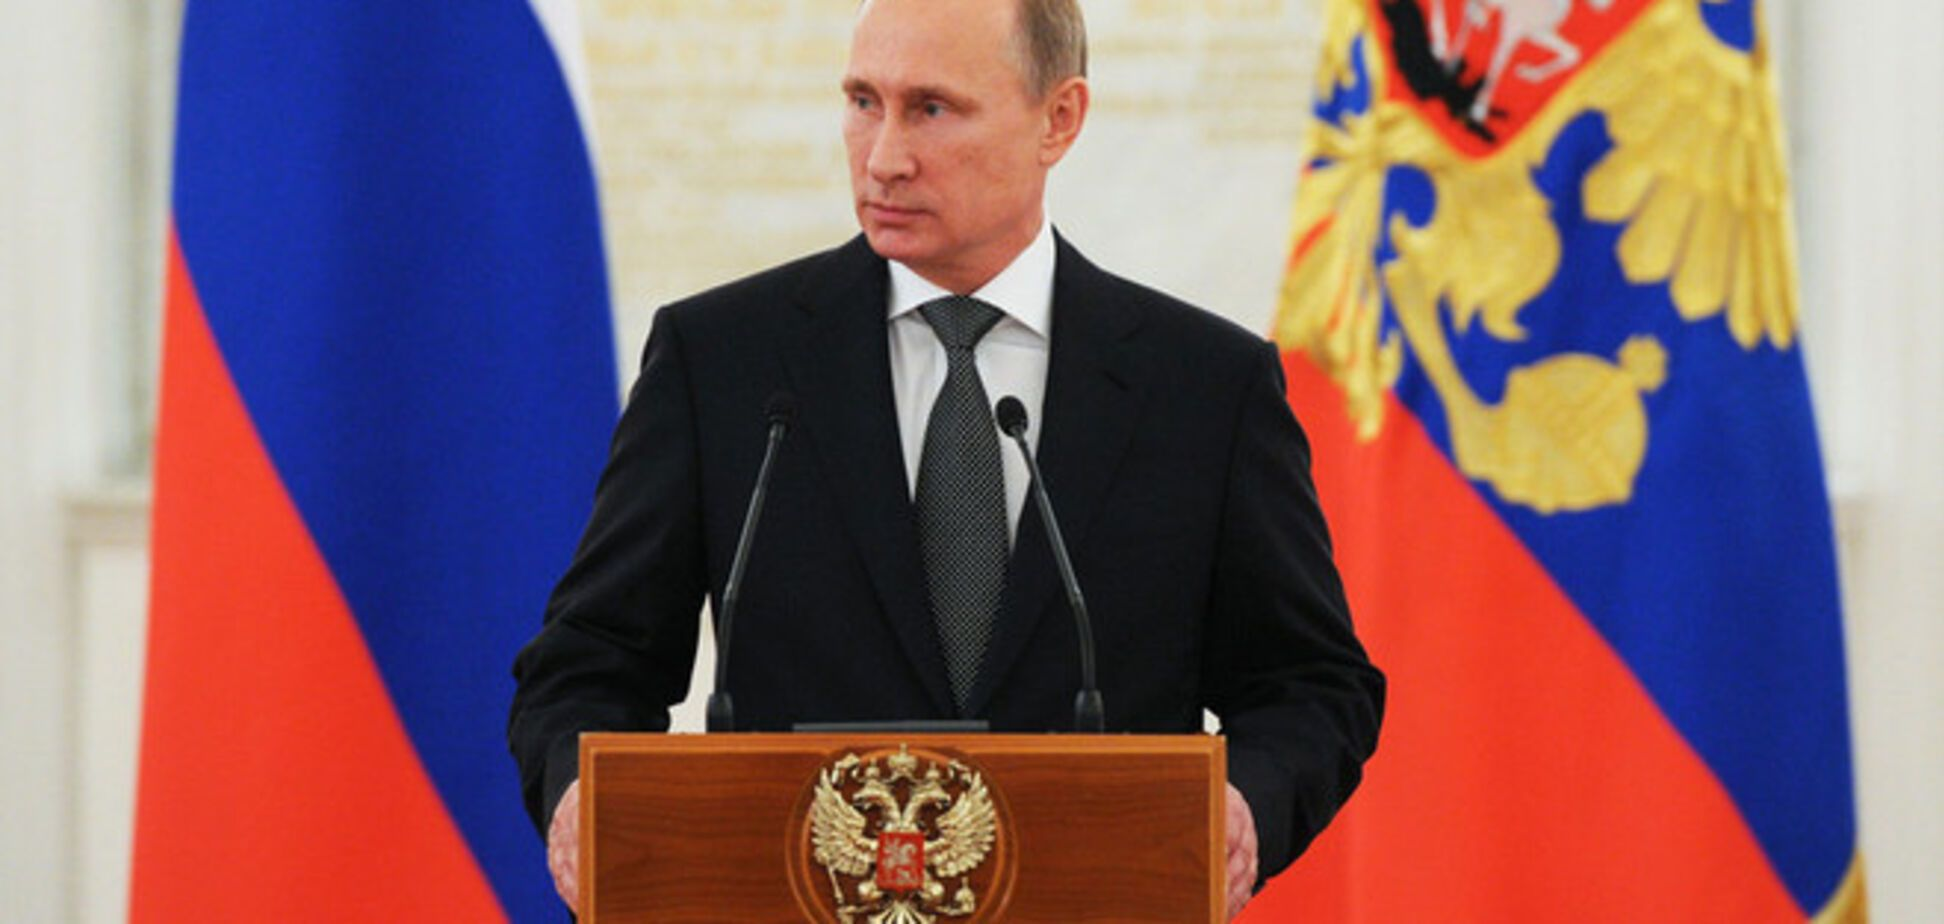 Путин поставил ультиматум